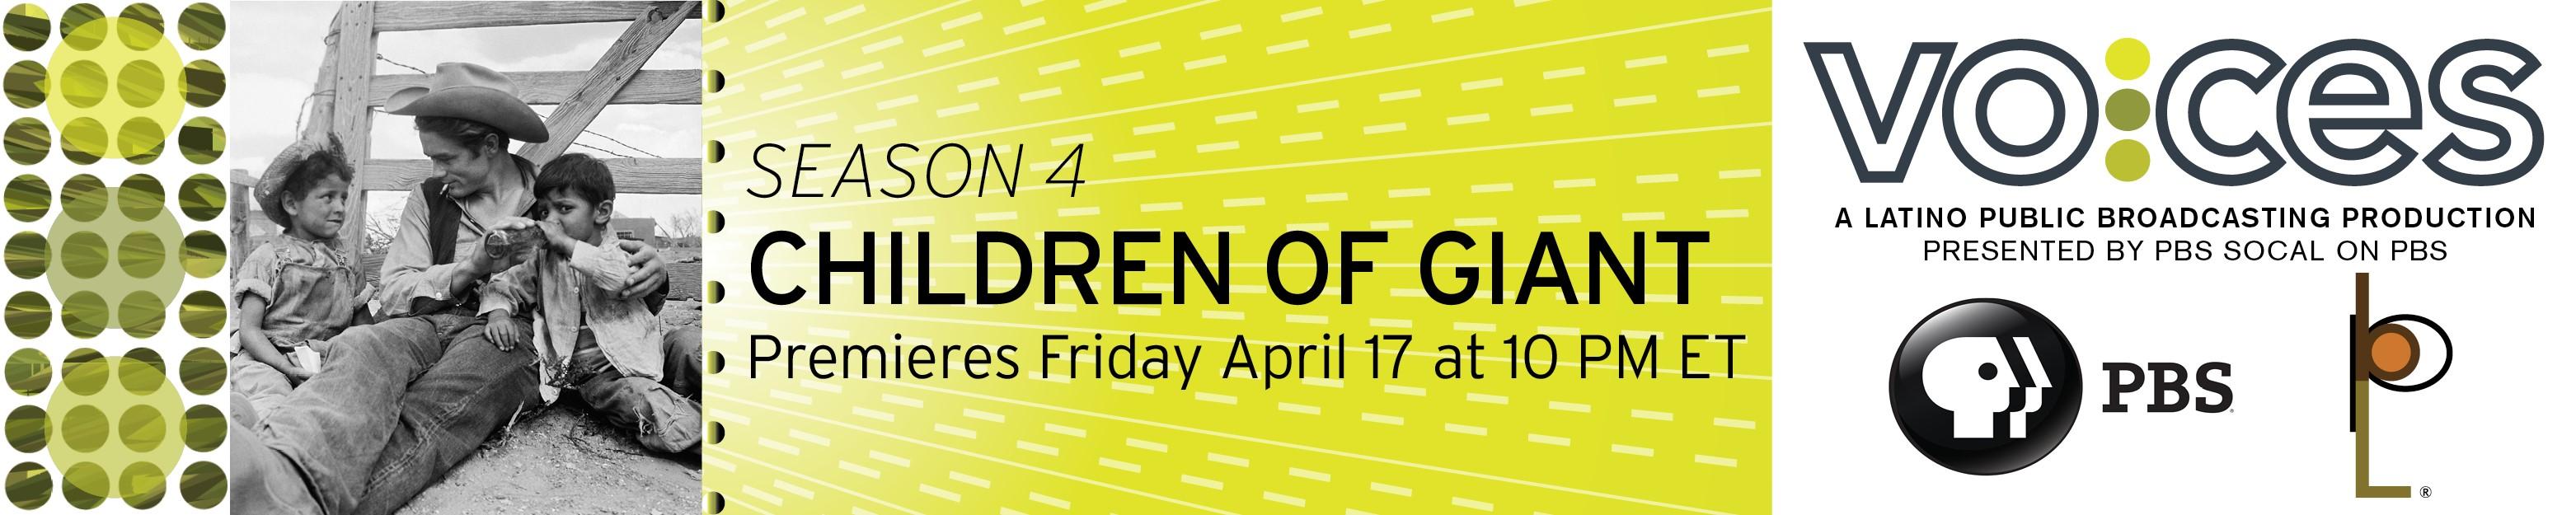 Children_of_Giant_banner.jpg